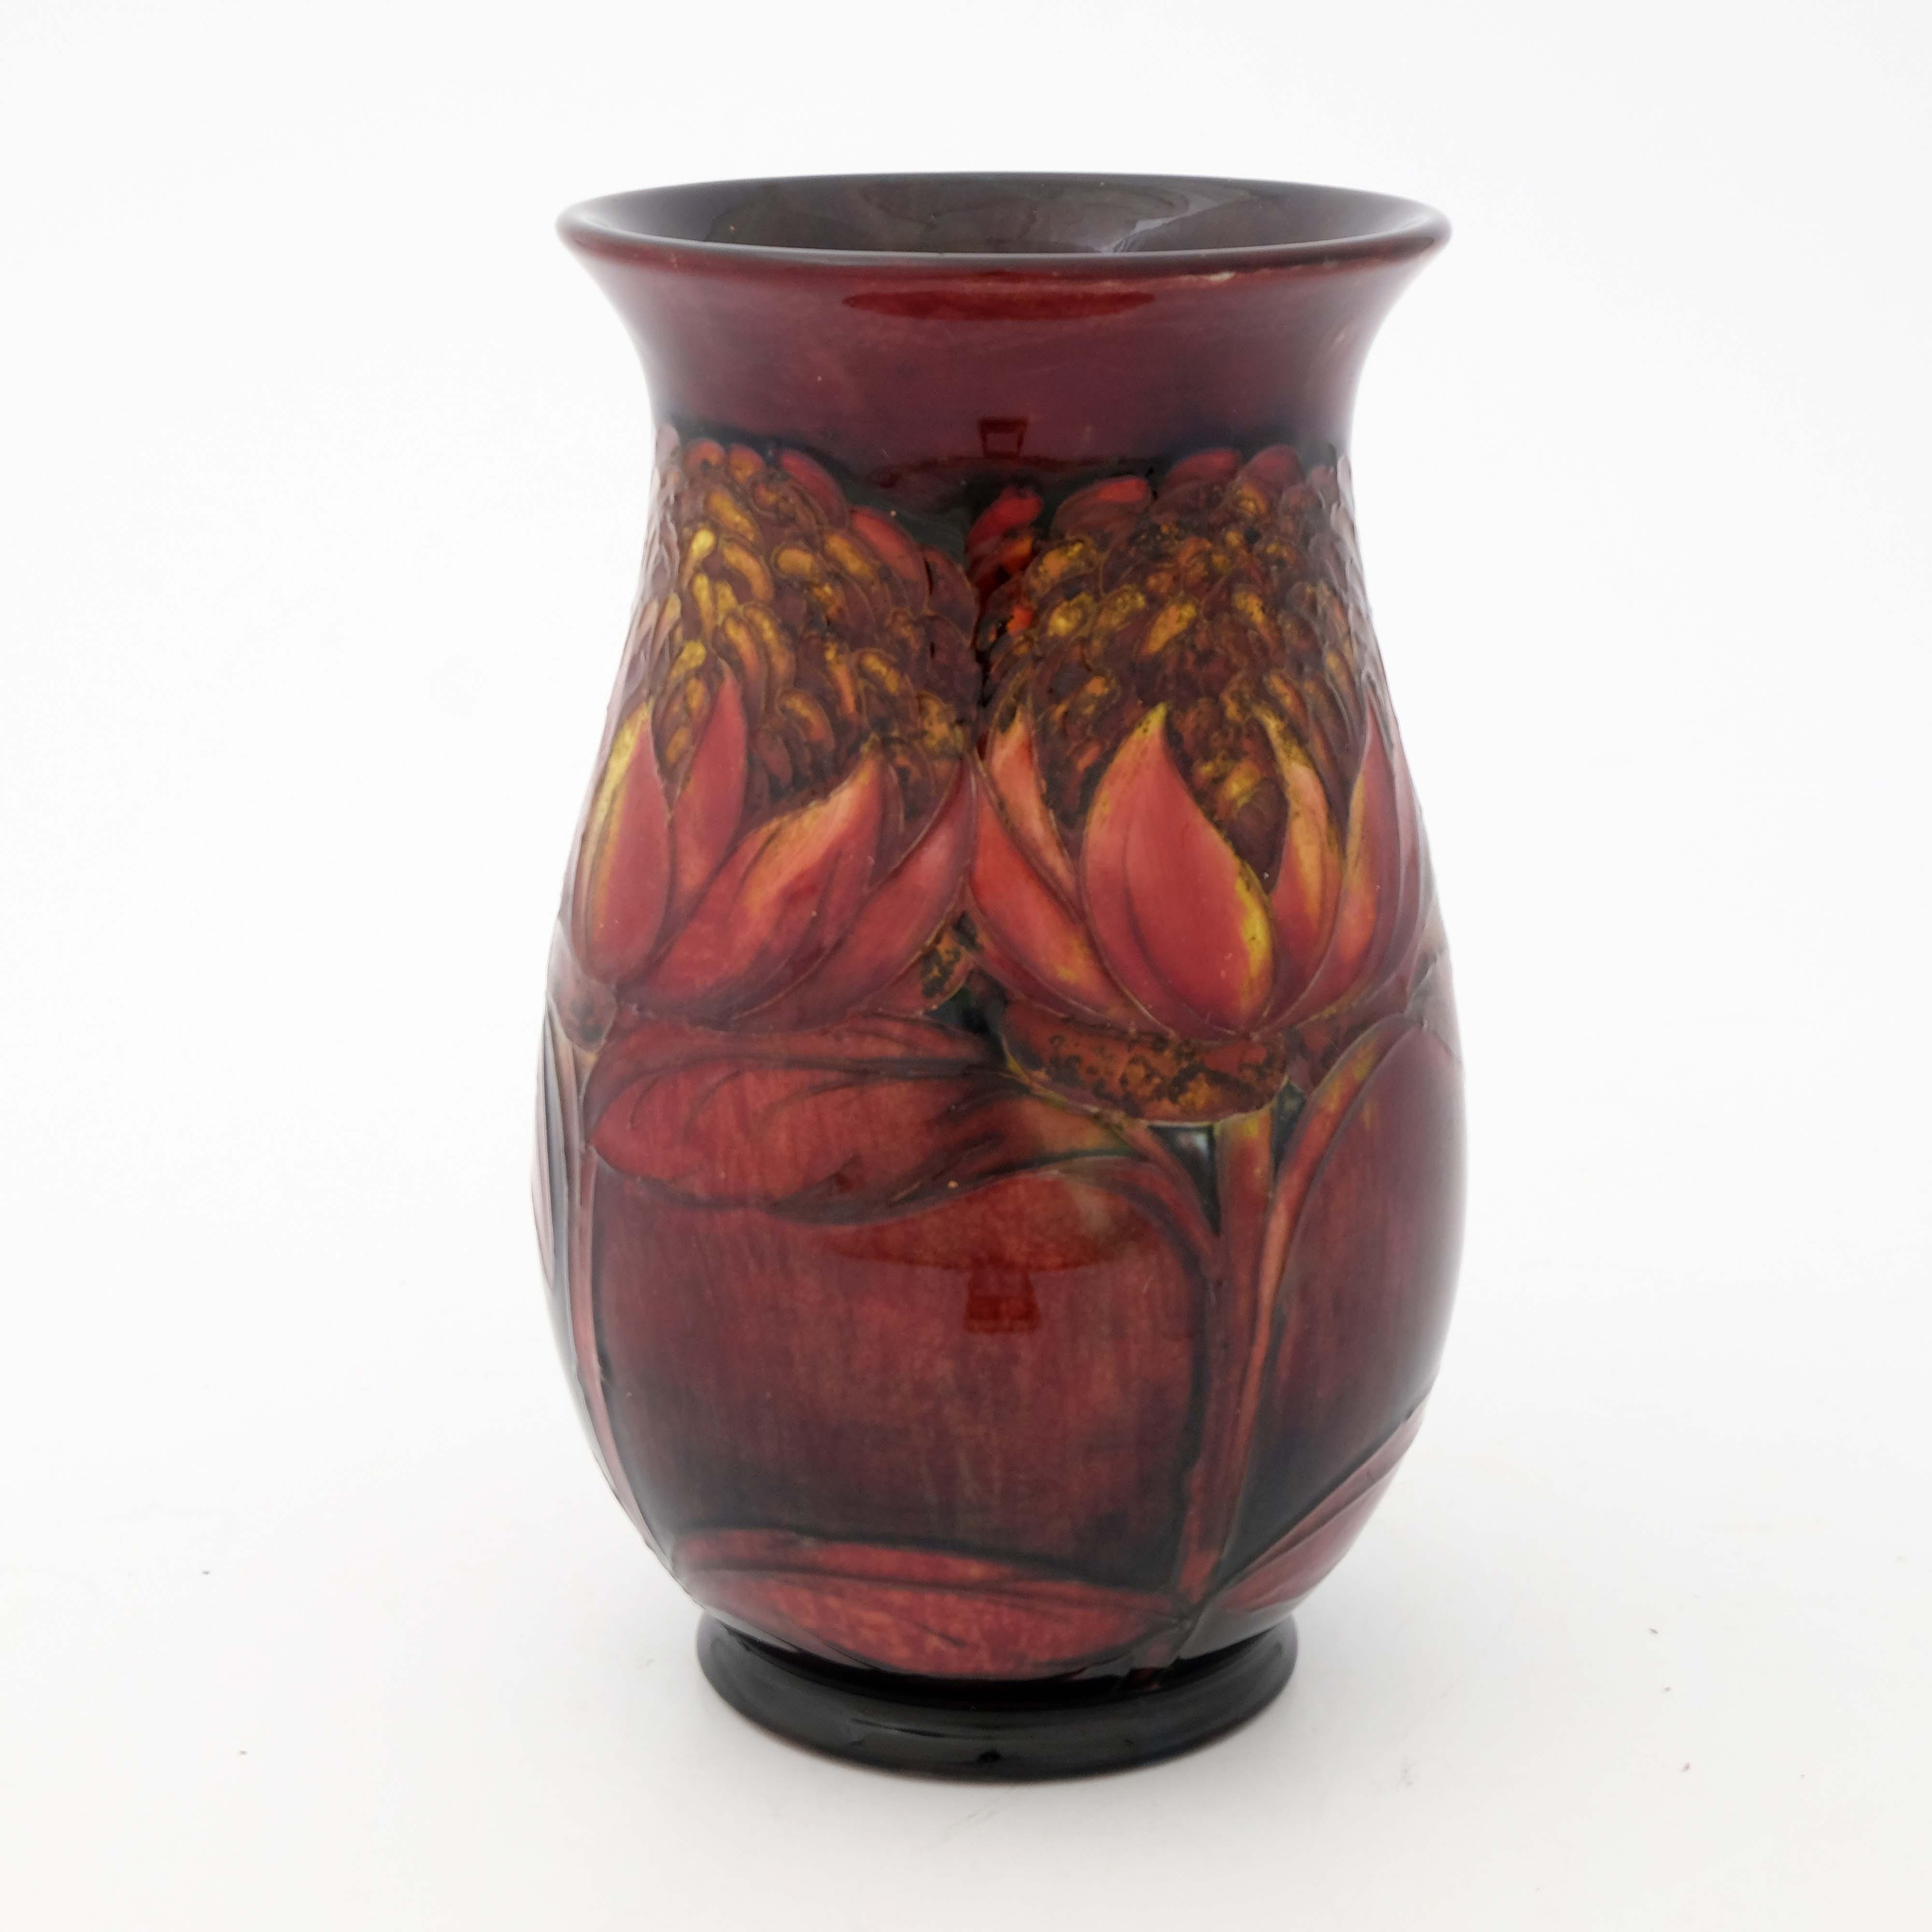 William Moorcroft, a Flambe Waratah vase - Image 4 of 5